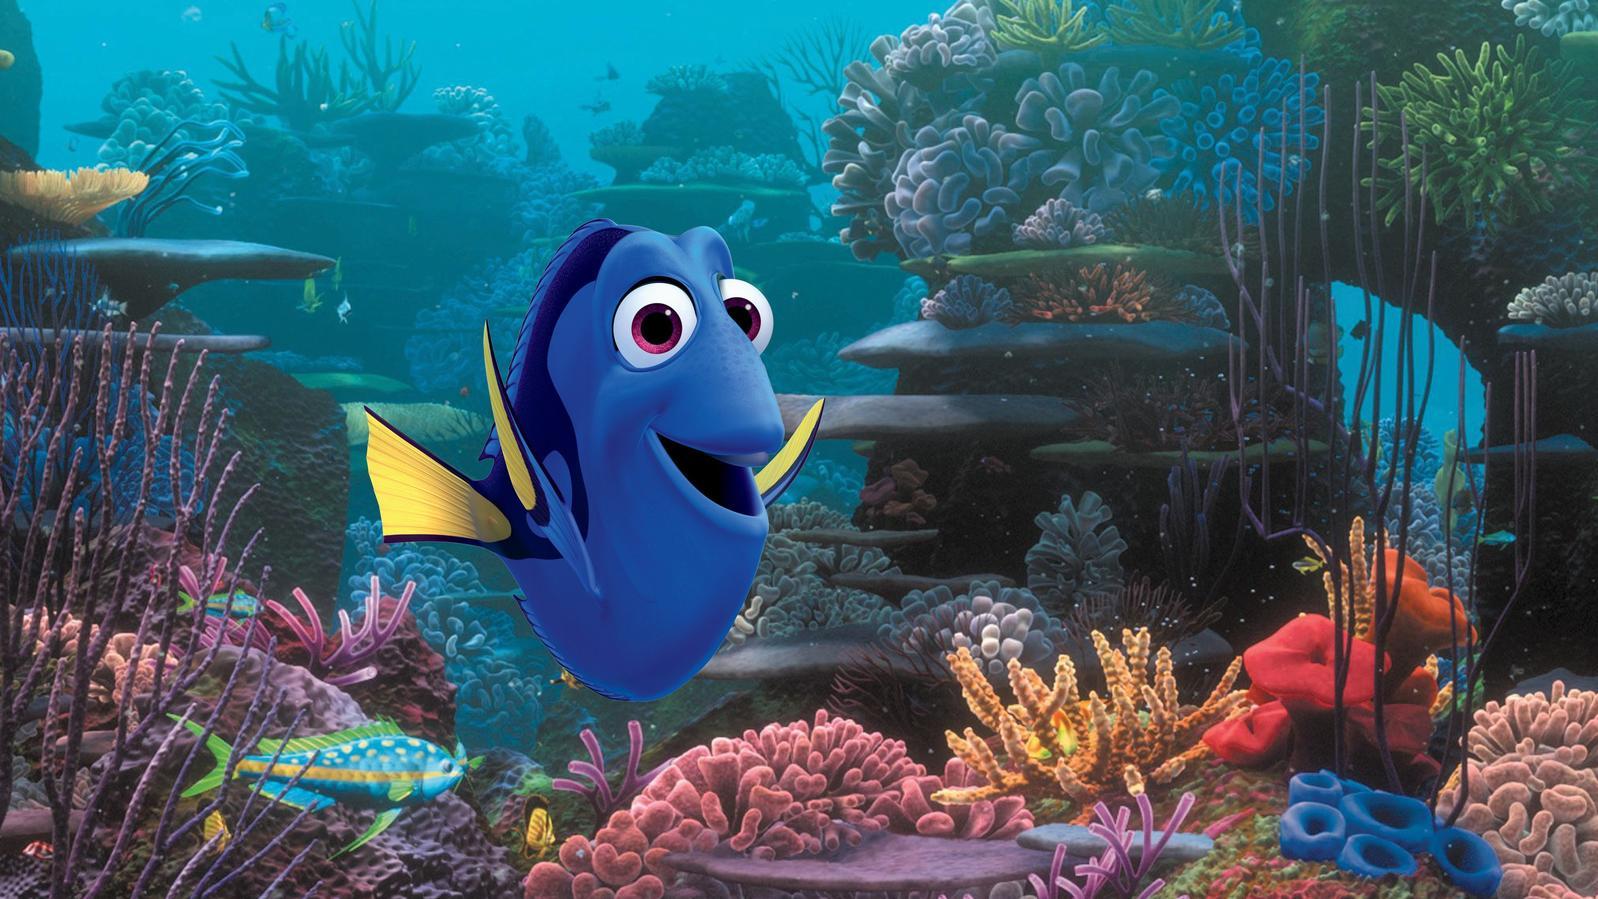 Der Fisch Dorie in einer Szene des Films 'Findet Dorie' Foto: Disney/Pixar/dpa